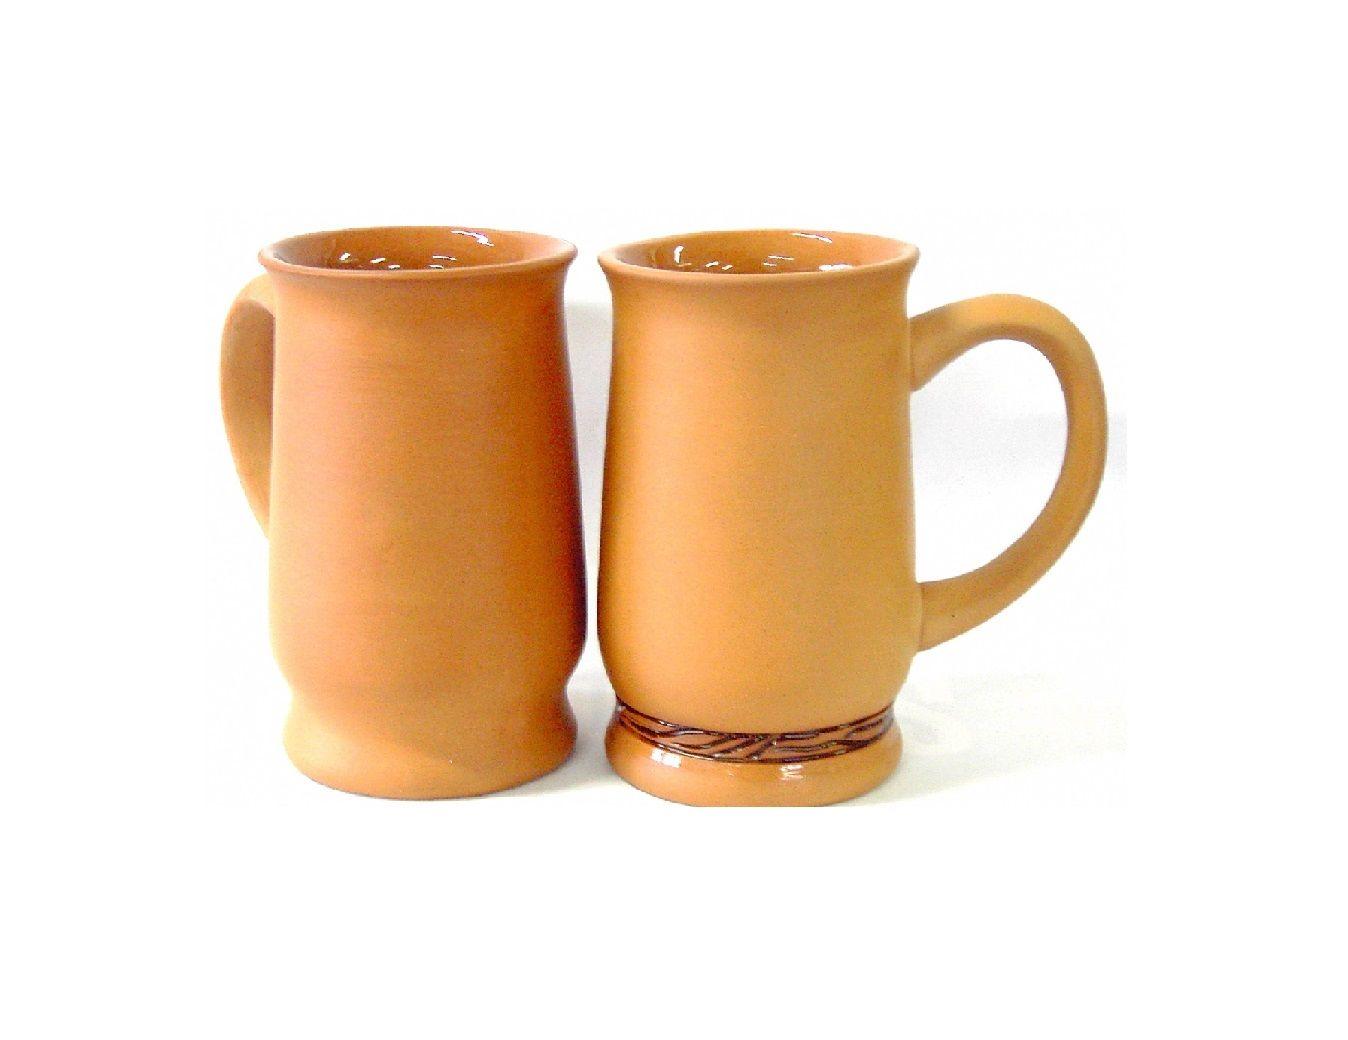 Tarusa artist / Beer mug, 0.7L